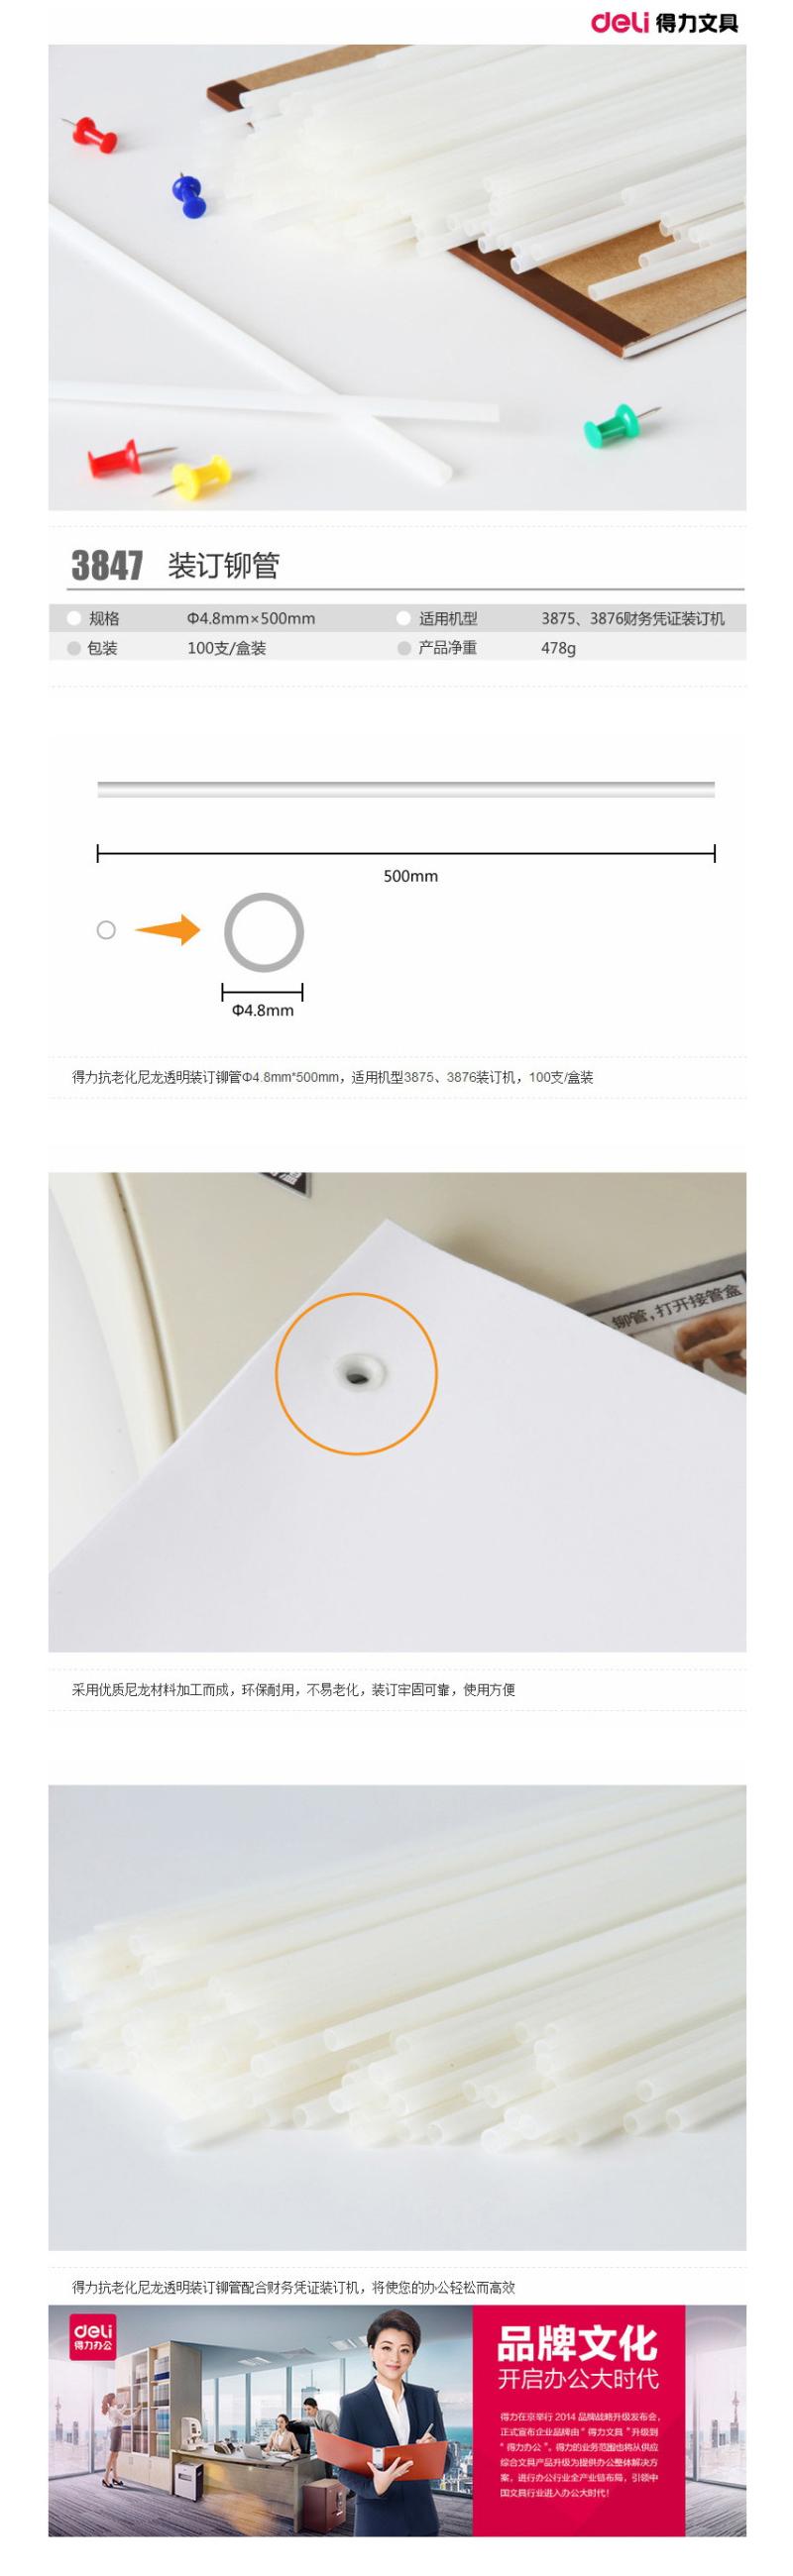 得力 3847 财务装订机专用透明装订铆管 φ4.8mm*500mm 100支盒